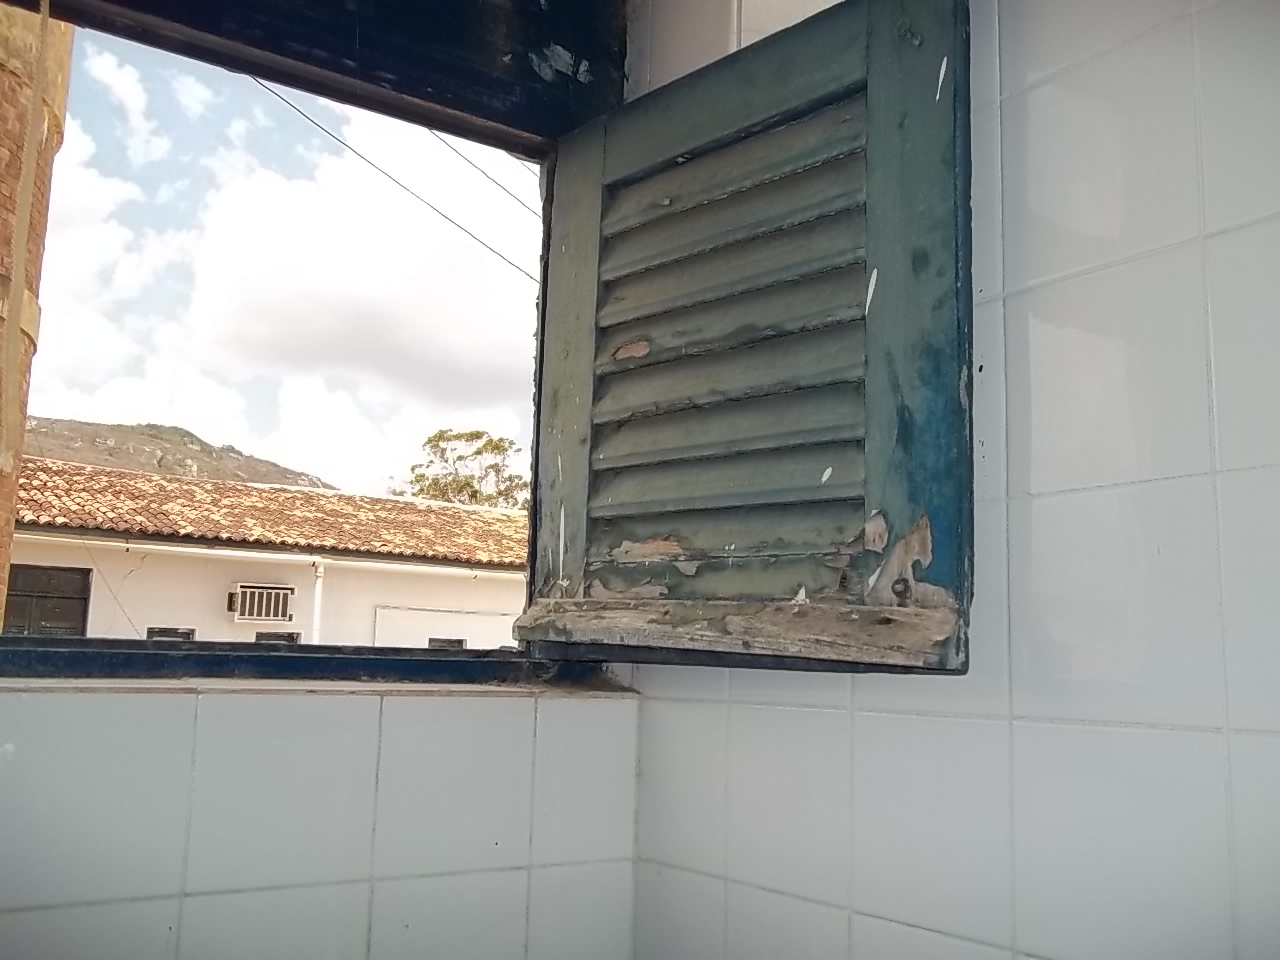 GALERIA DE FOTOS DO PESQUEIRA EM FOCO: FOTOS TIRADAS NO INTERIOR DO  #876444 1280x960 Atenção Banheiro Interditado